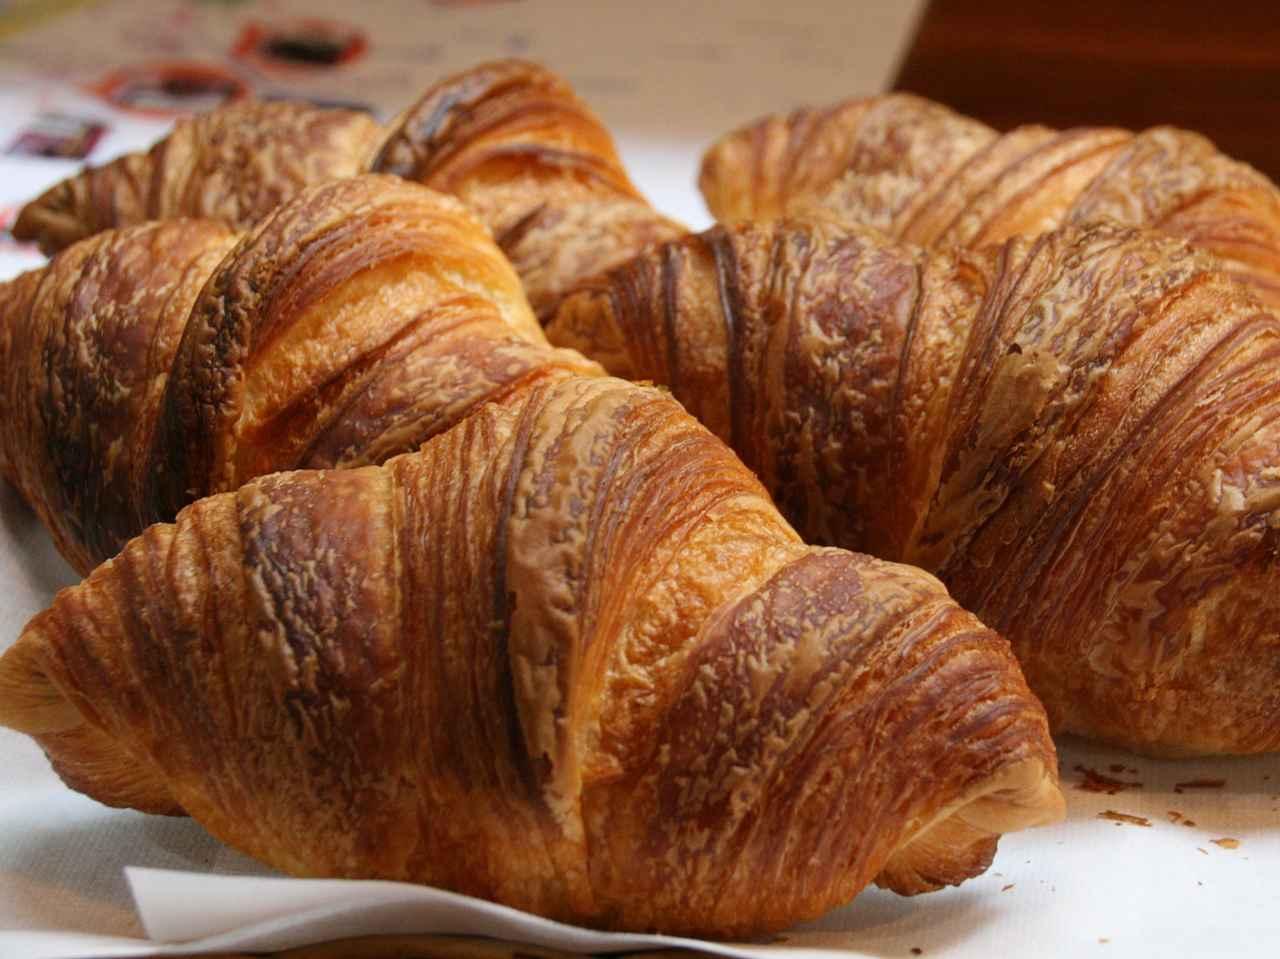 画像: クロワッサン。北米産高級小麦や北海道産高級発酵バターを使用